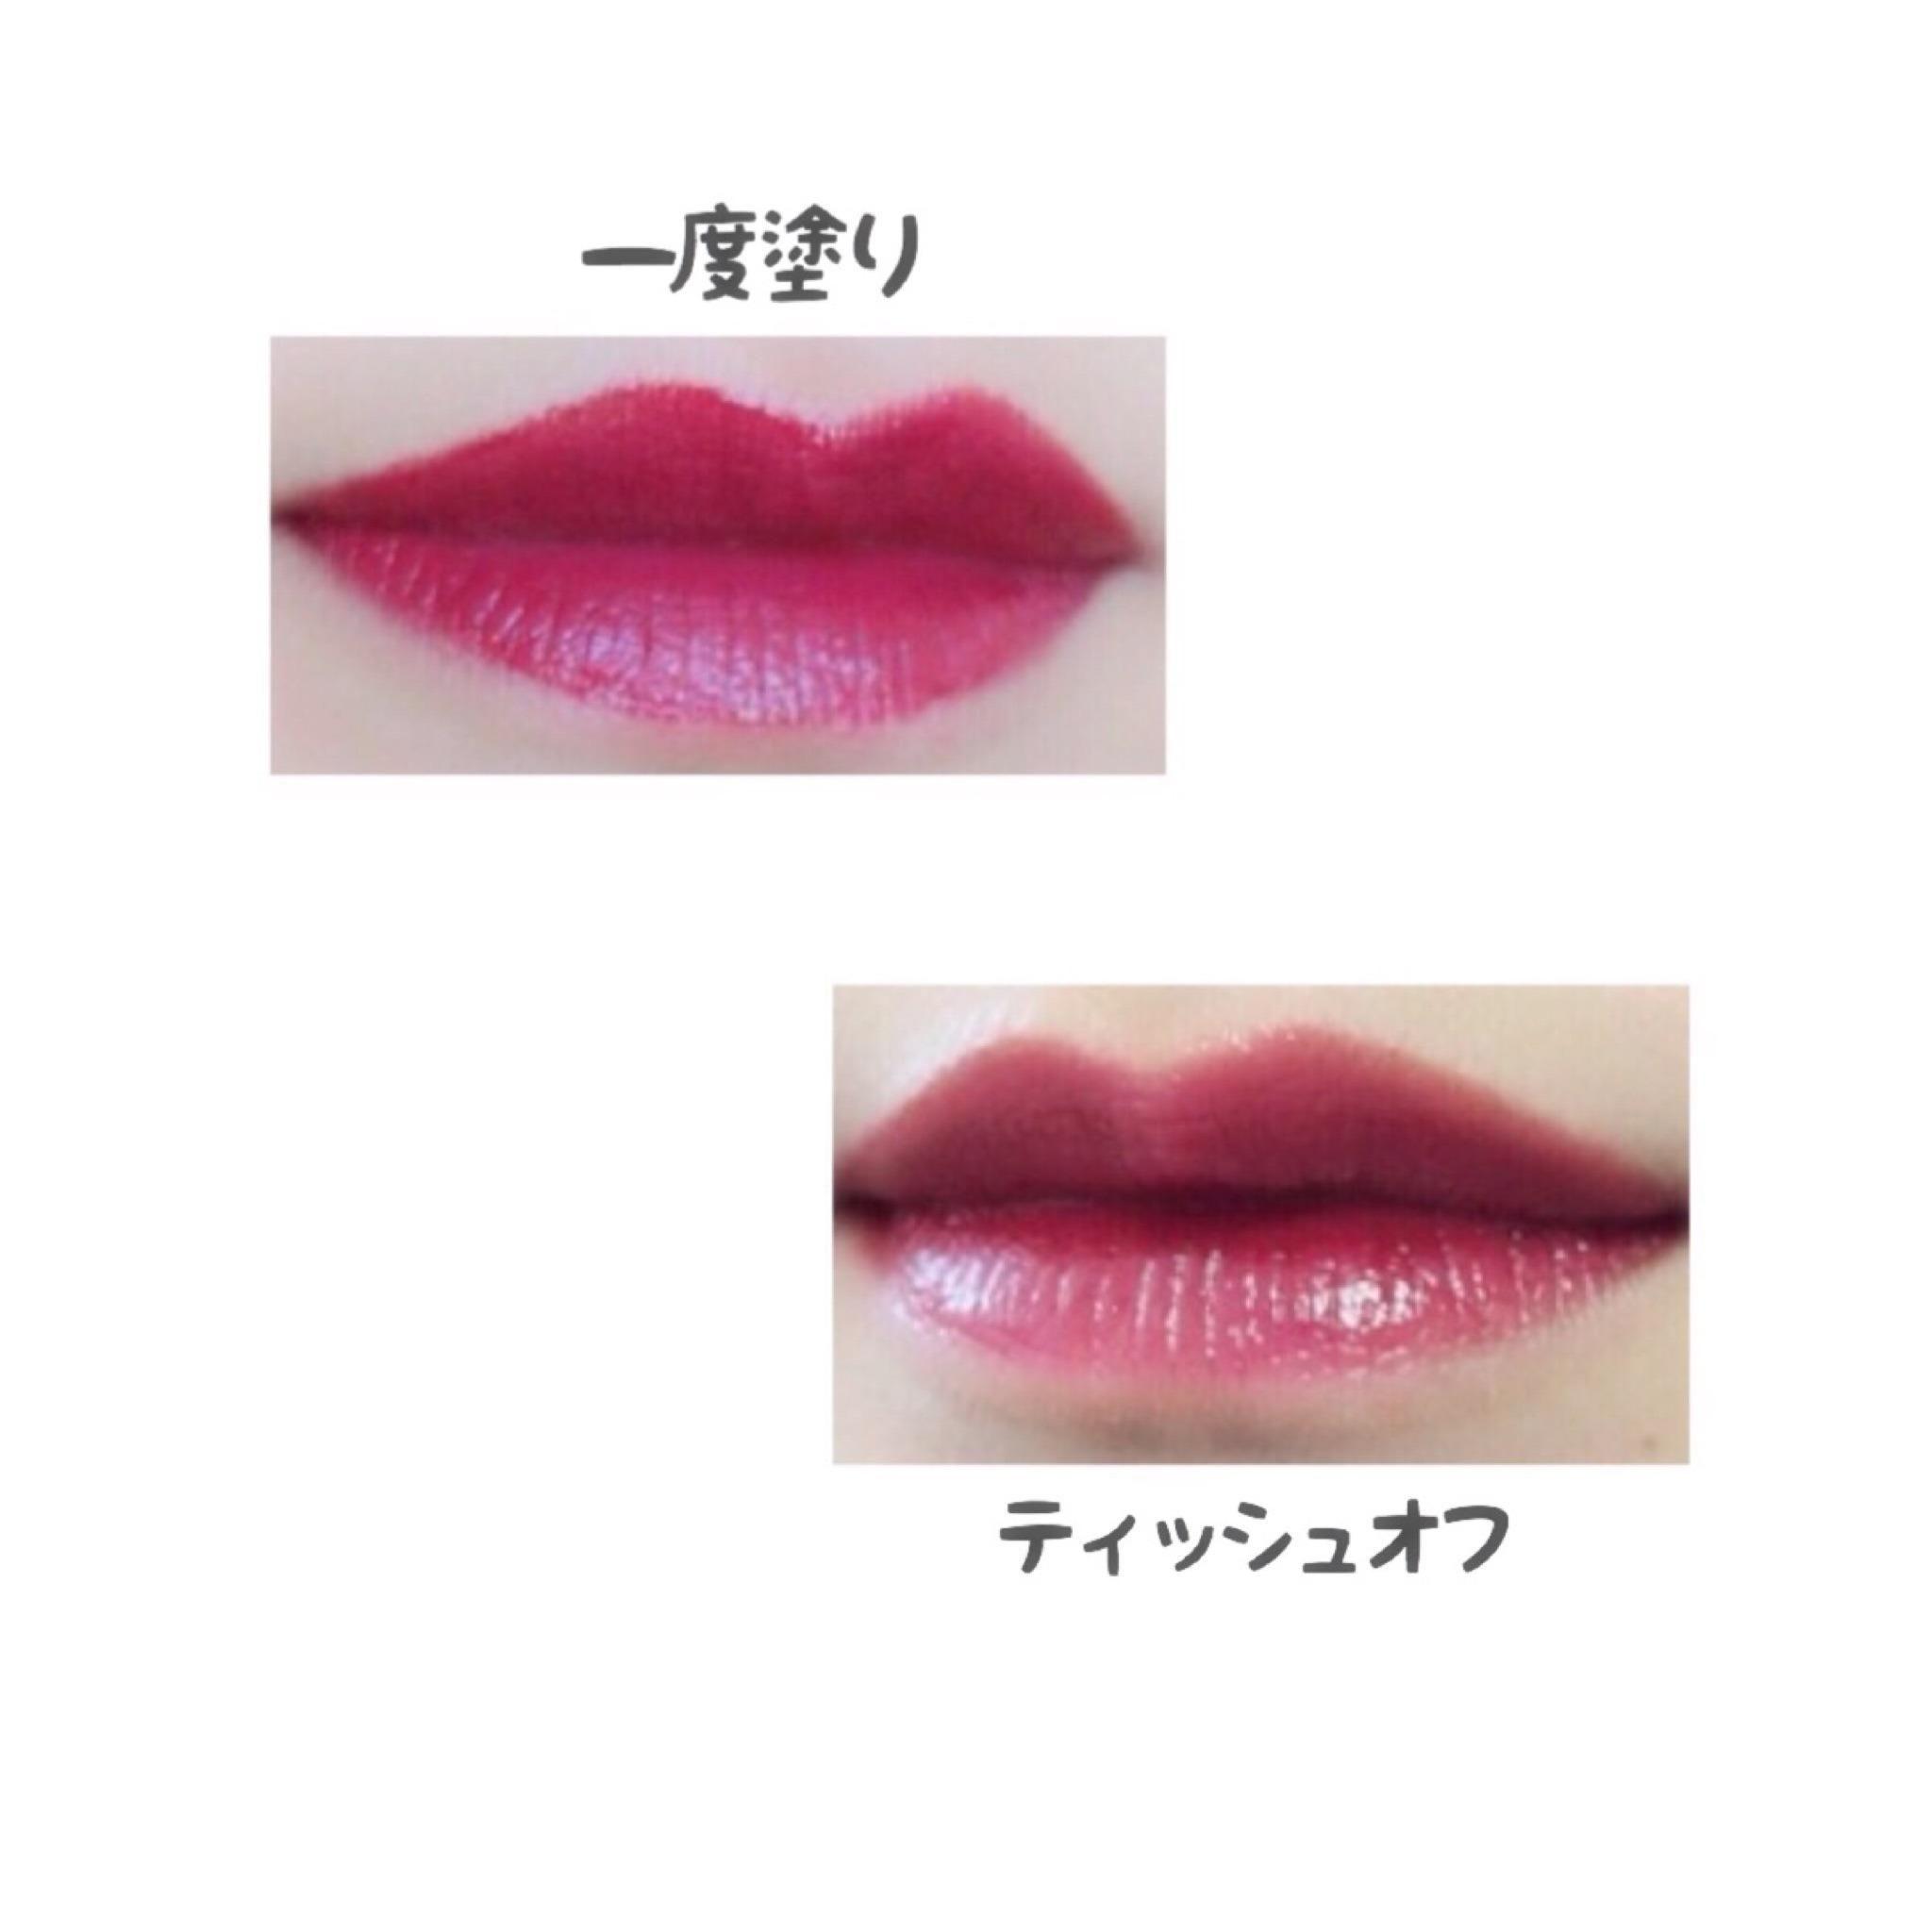 sale retailer 12851 92fa1 ディオール アディクト リップ ティント / Dior RiRi☆さんの ...